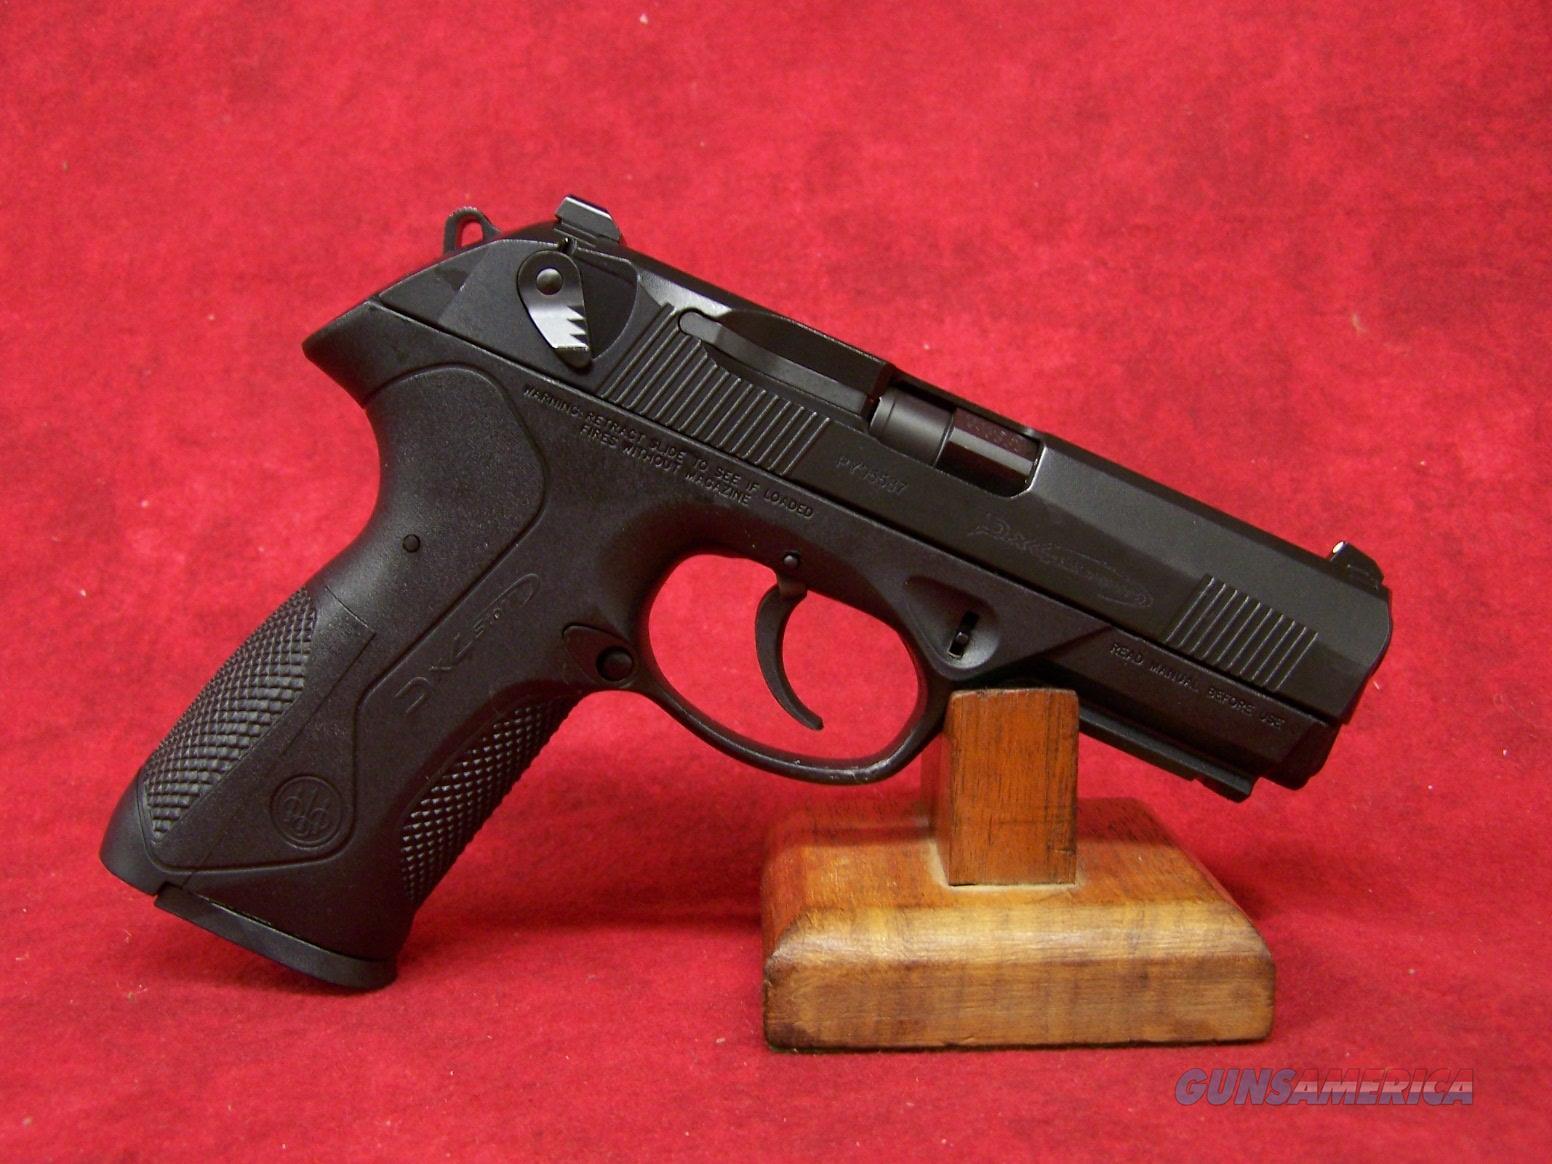 """Beretta PX4 Storm .40 S&W 4"""" Barrel (JXF4F21)  Guns > Pistols > Beretta Pistols > Polymer Frame"""